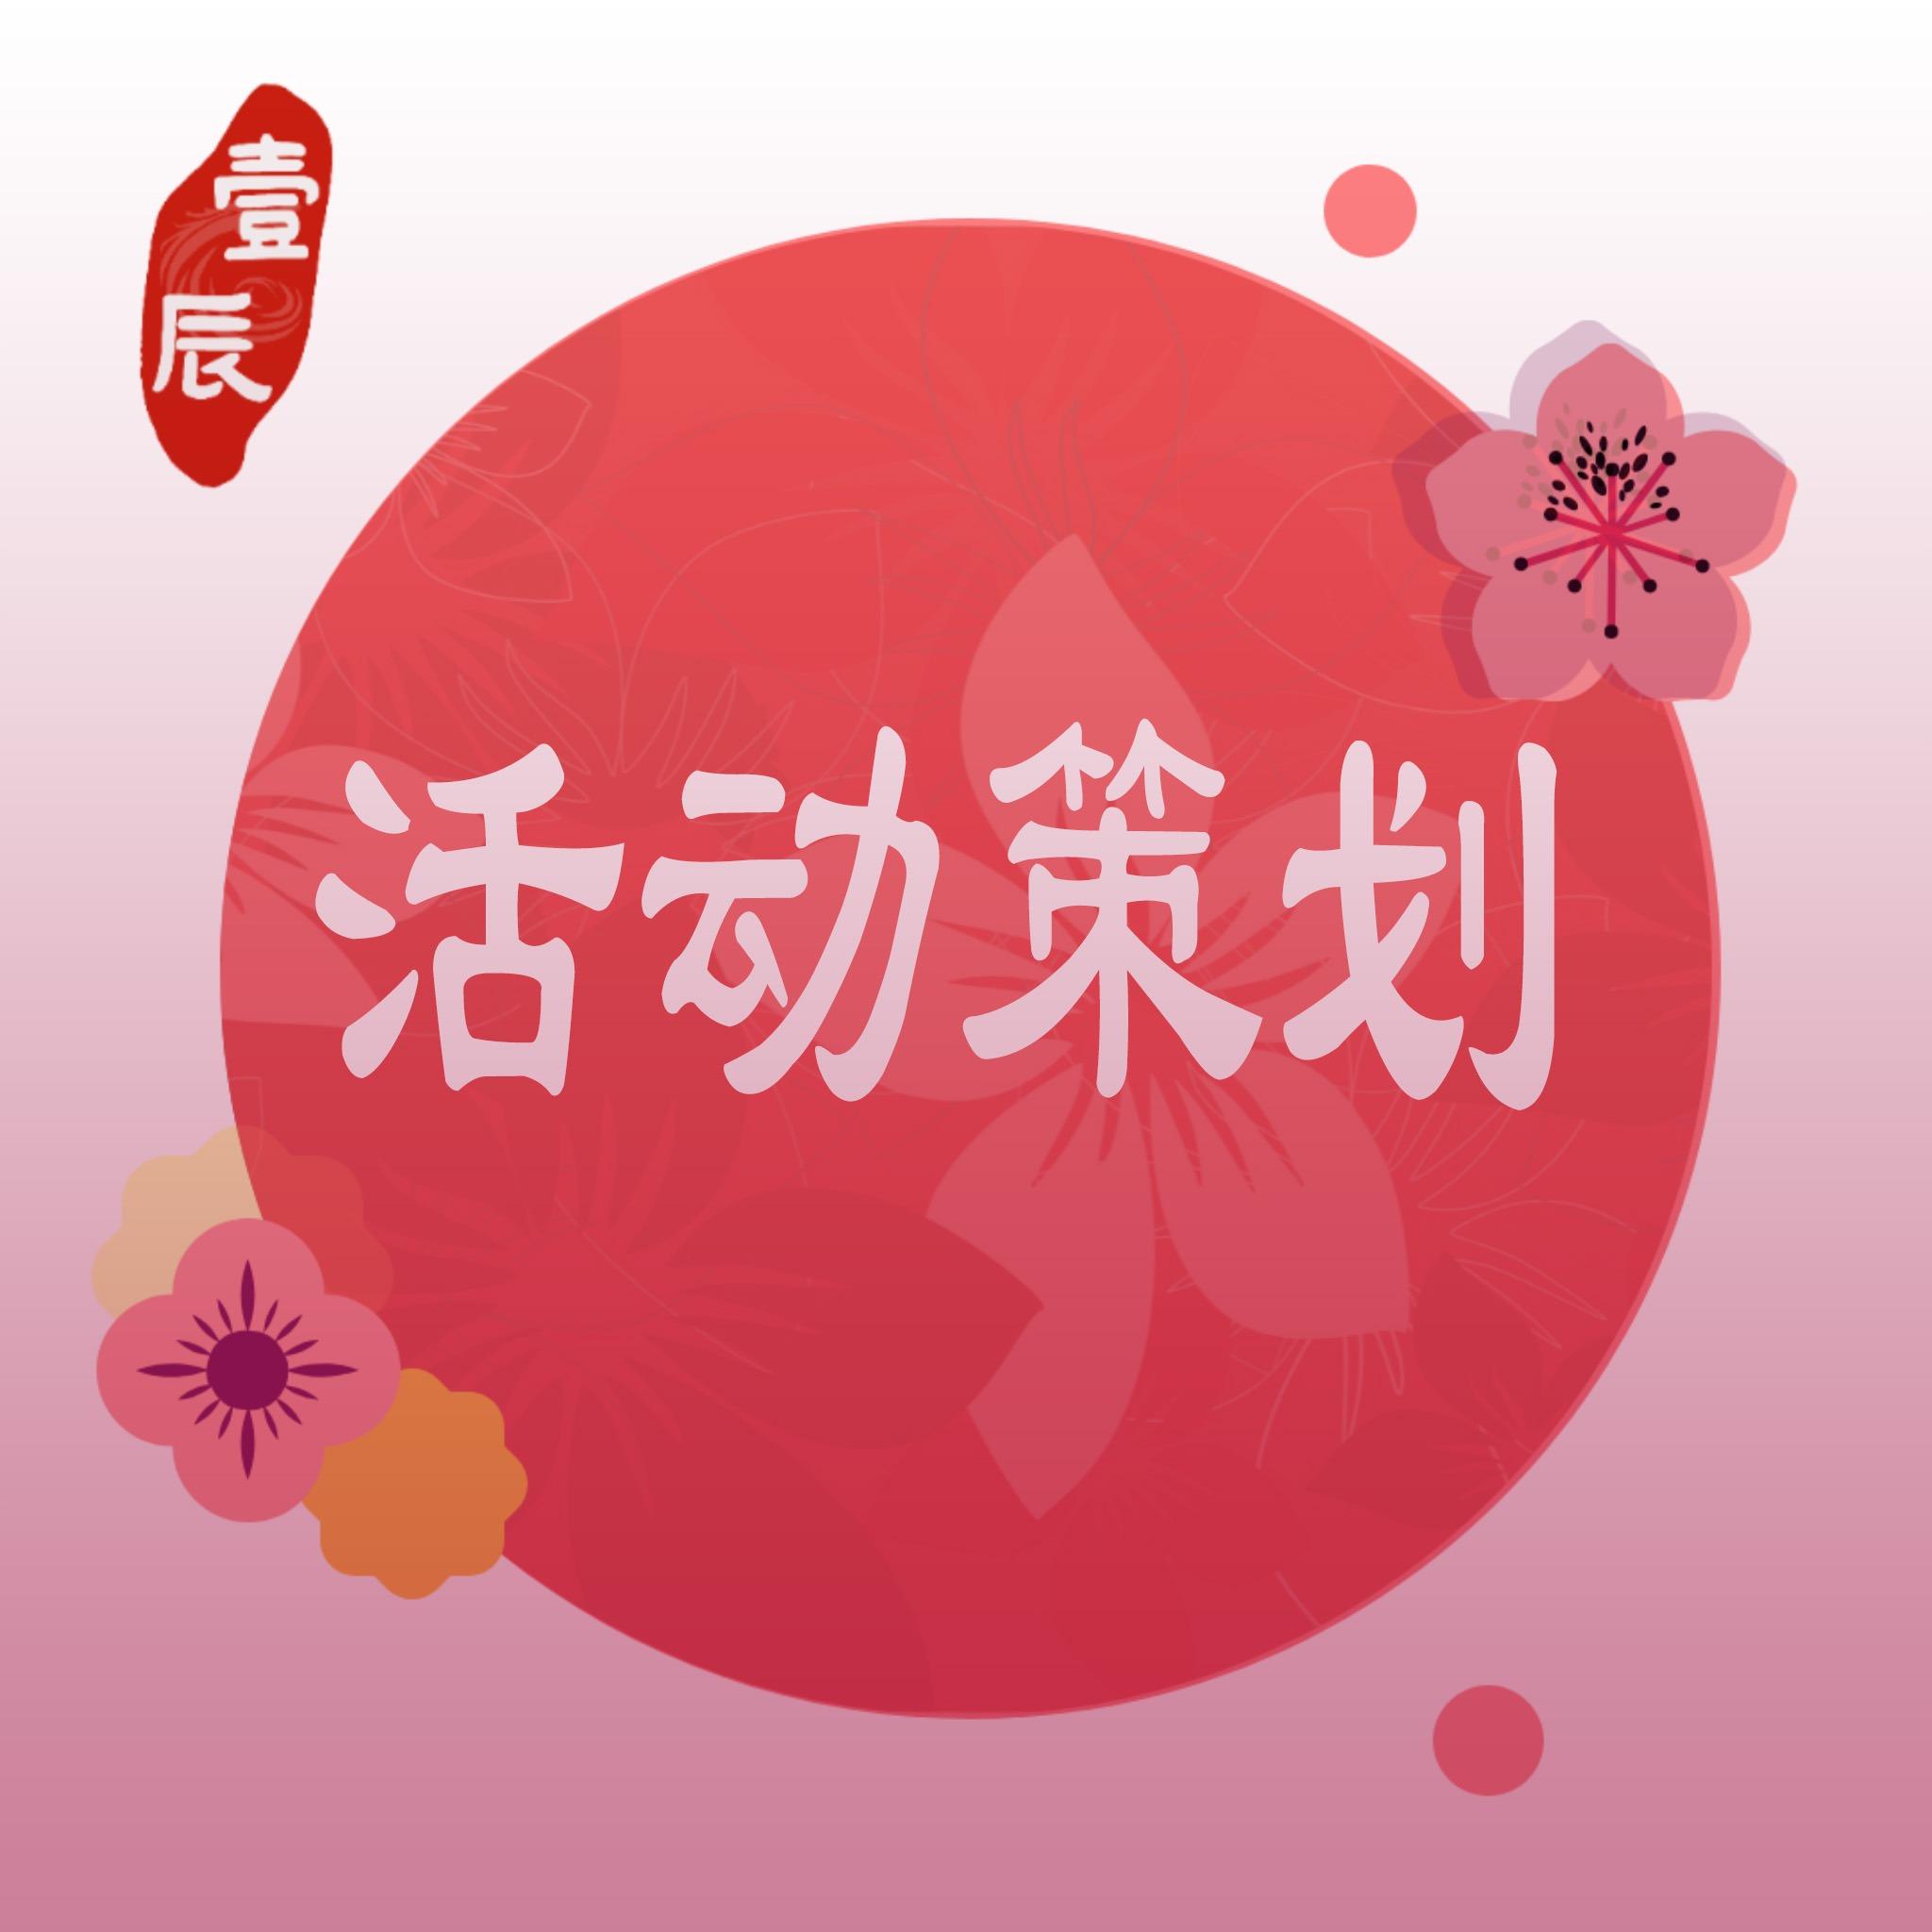 【活动策划】线下活动年会大型户外庆典游园室内活动商场促销公益